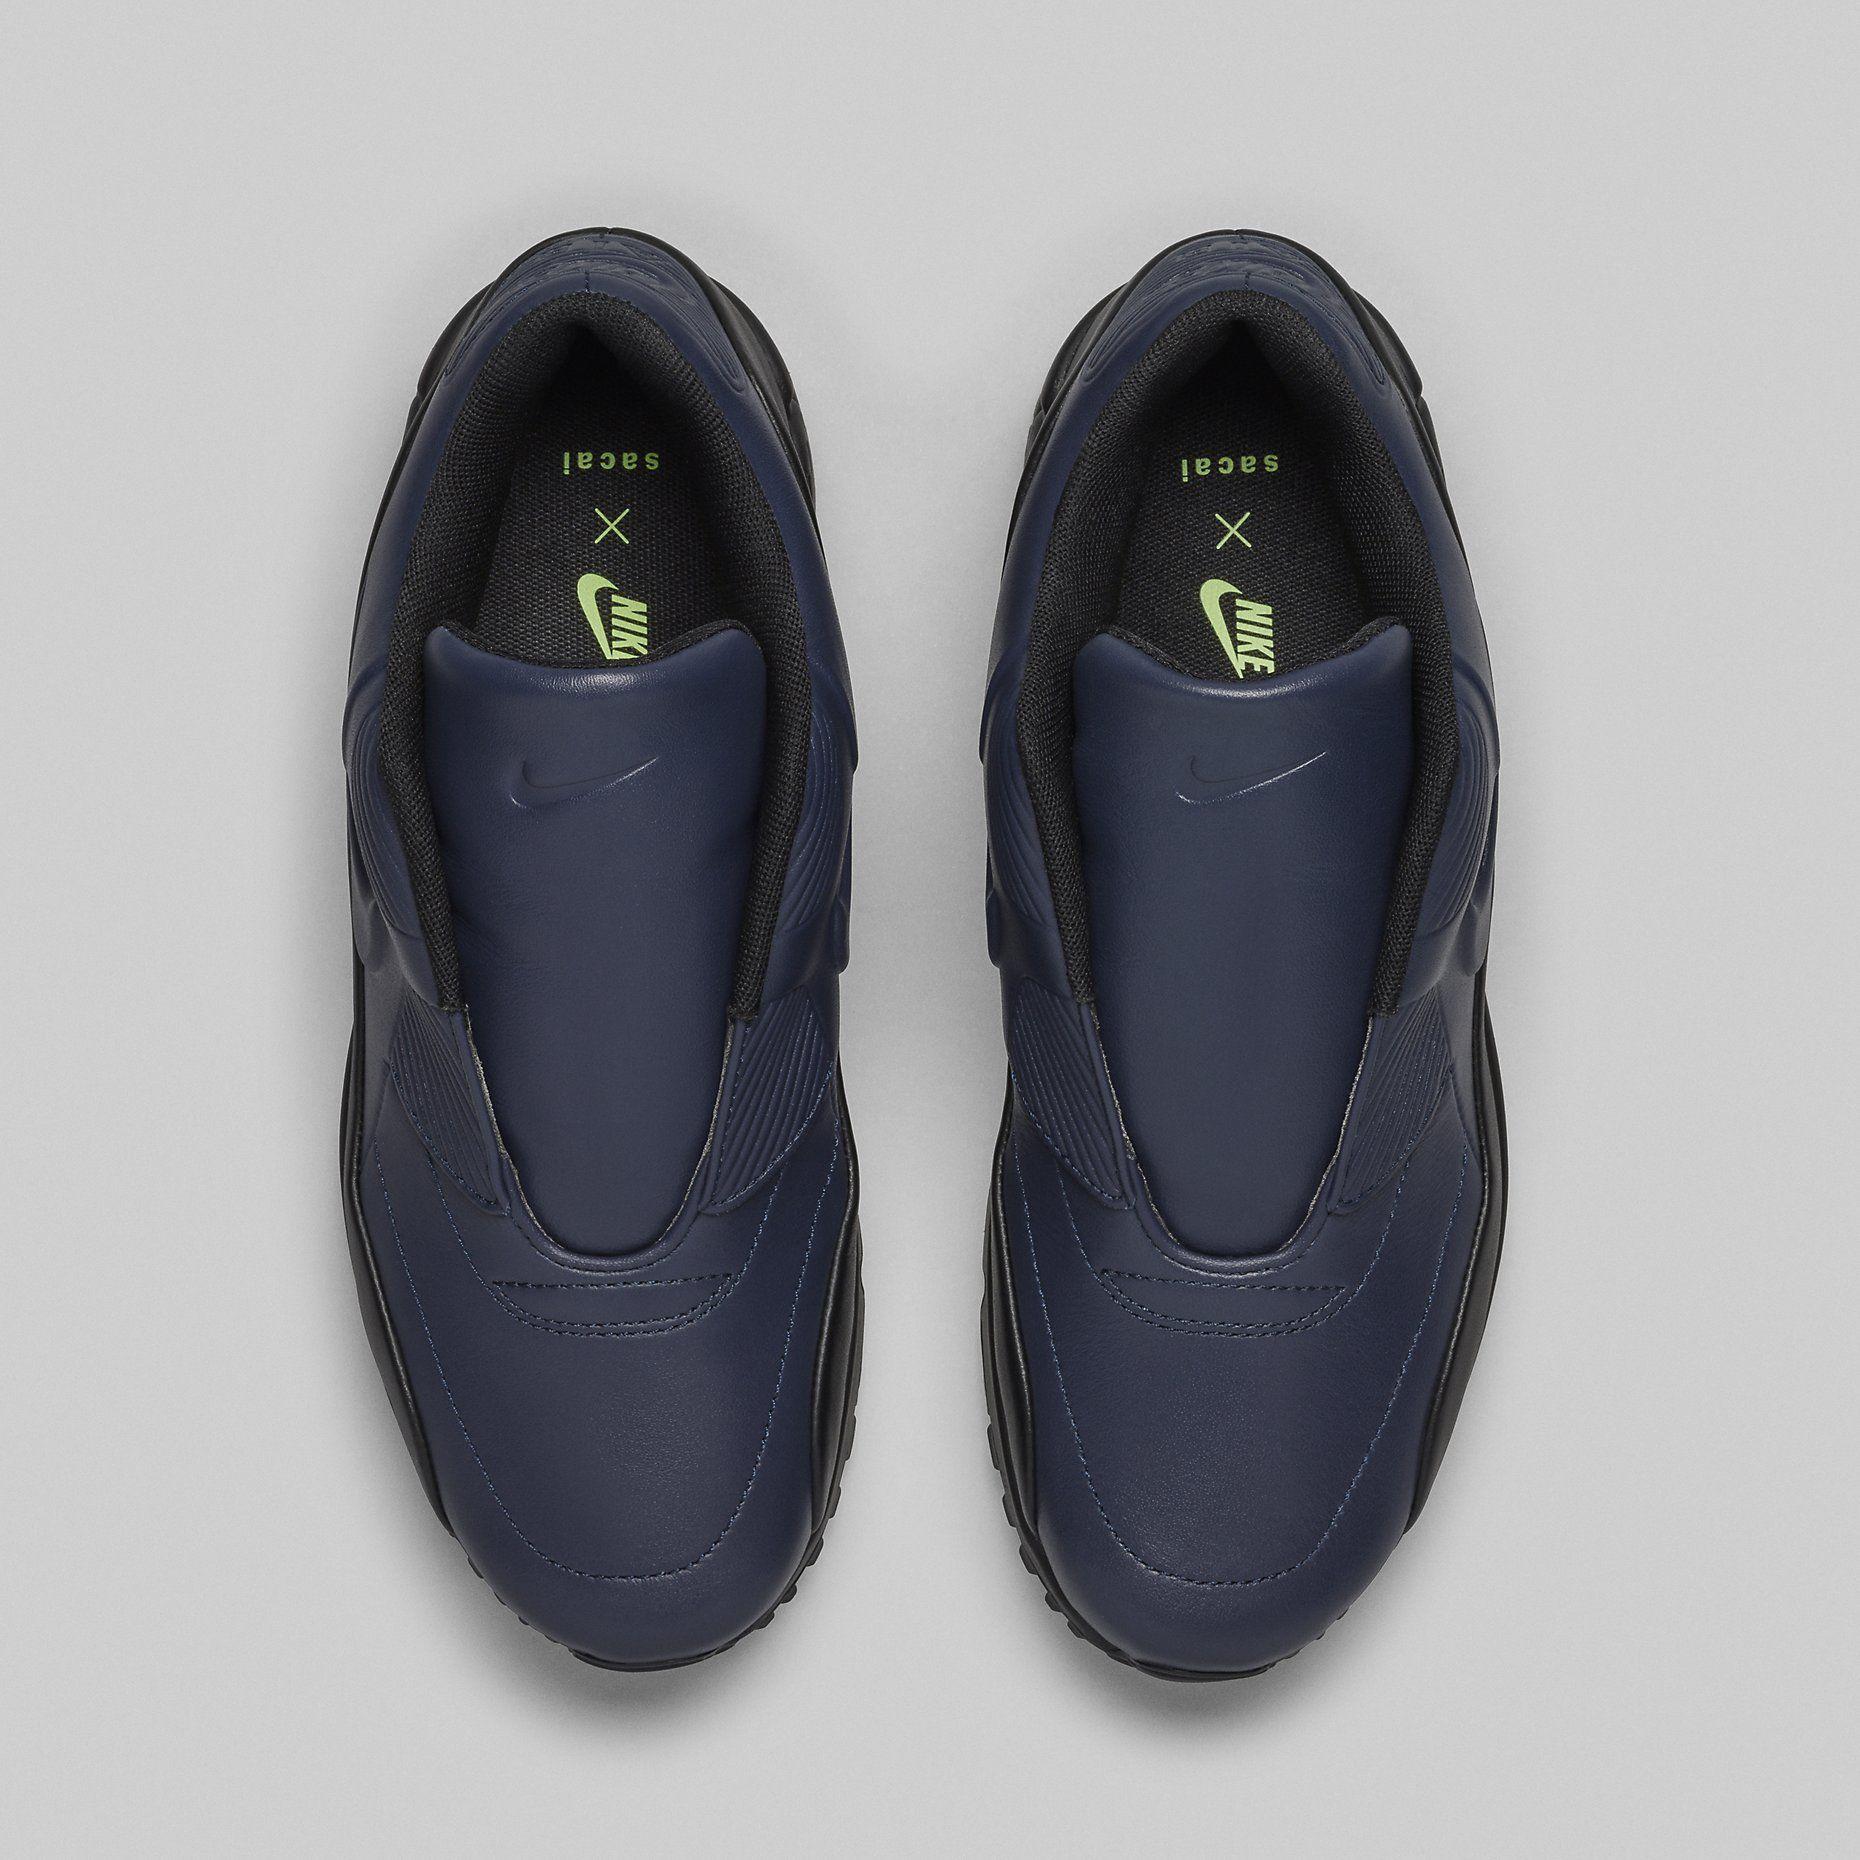 sale retailer 04ec4 278a1 ... real nikelab x sacai air max 90 chaussure pour femme. 01149 91148